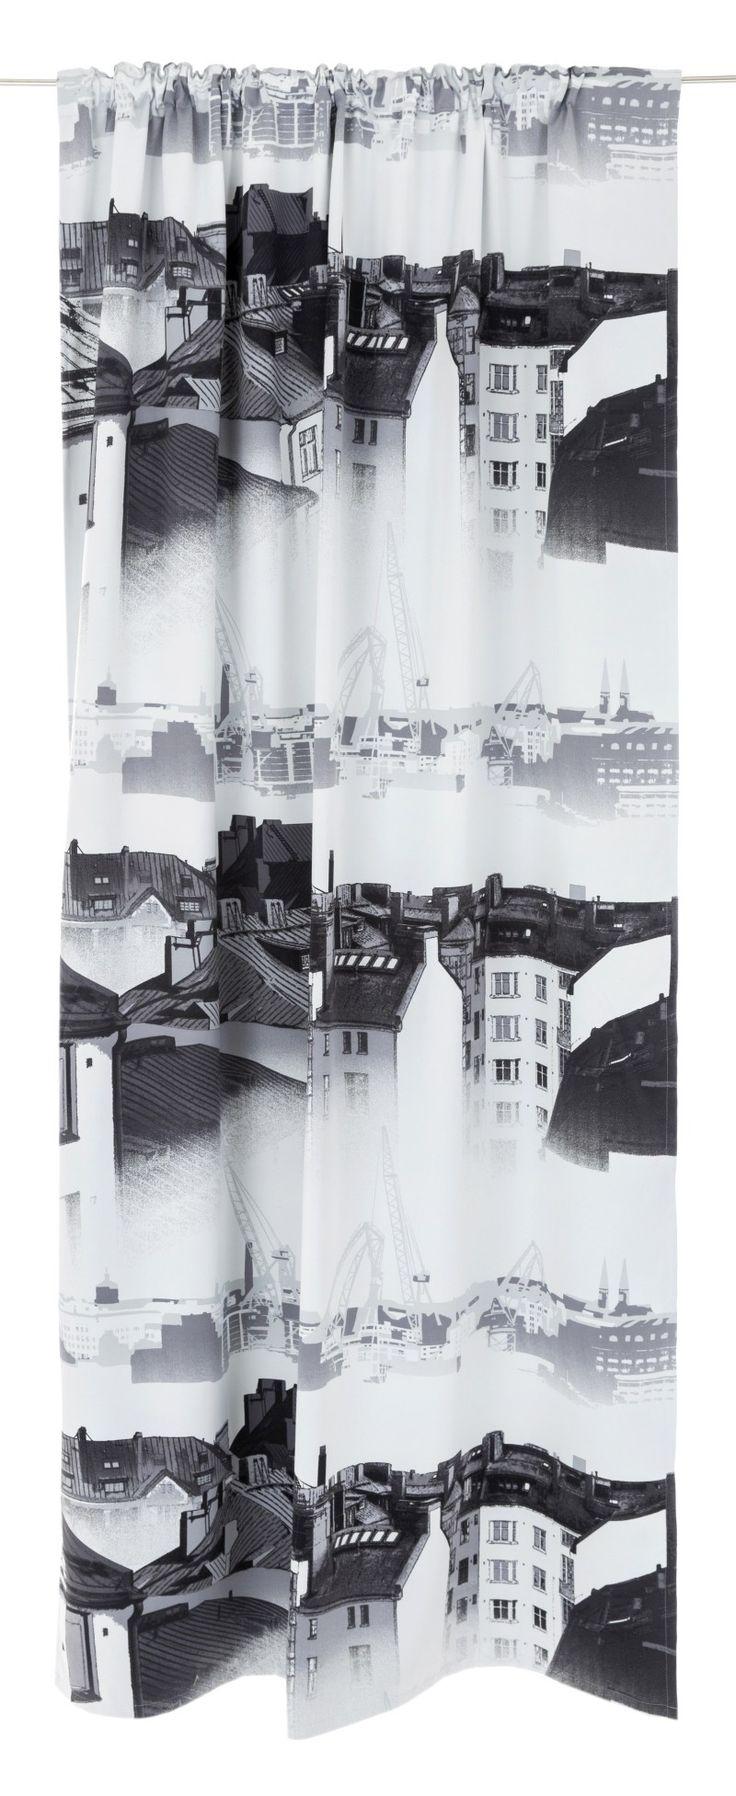 <p><span>Aamu-usva pimennysverhon kuosi taltioi kauniin näkymän Helsingin ydinkeskustan kattojen ylle: Kampin kerrostalojen kuparikatot, kattohuoneistot kattoikkunoineen, tuuletusparvekkeet ja leveät savupiiput. Näkymä on usvainen